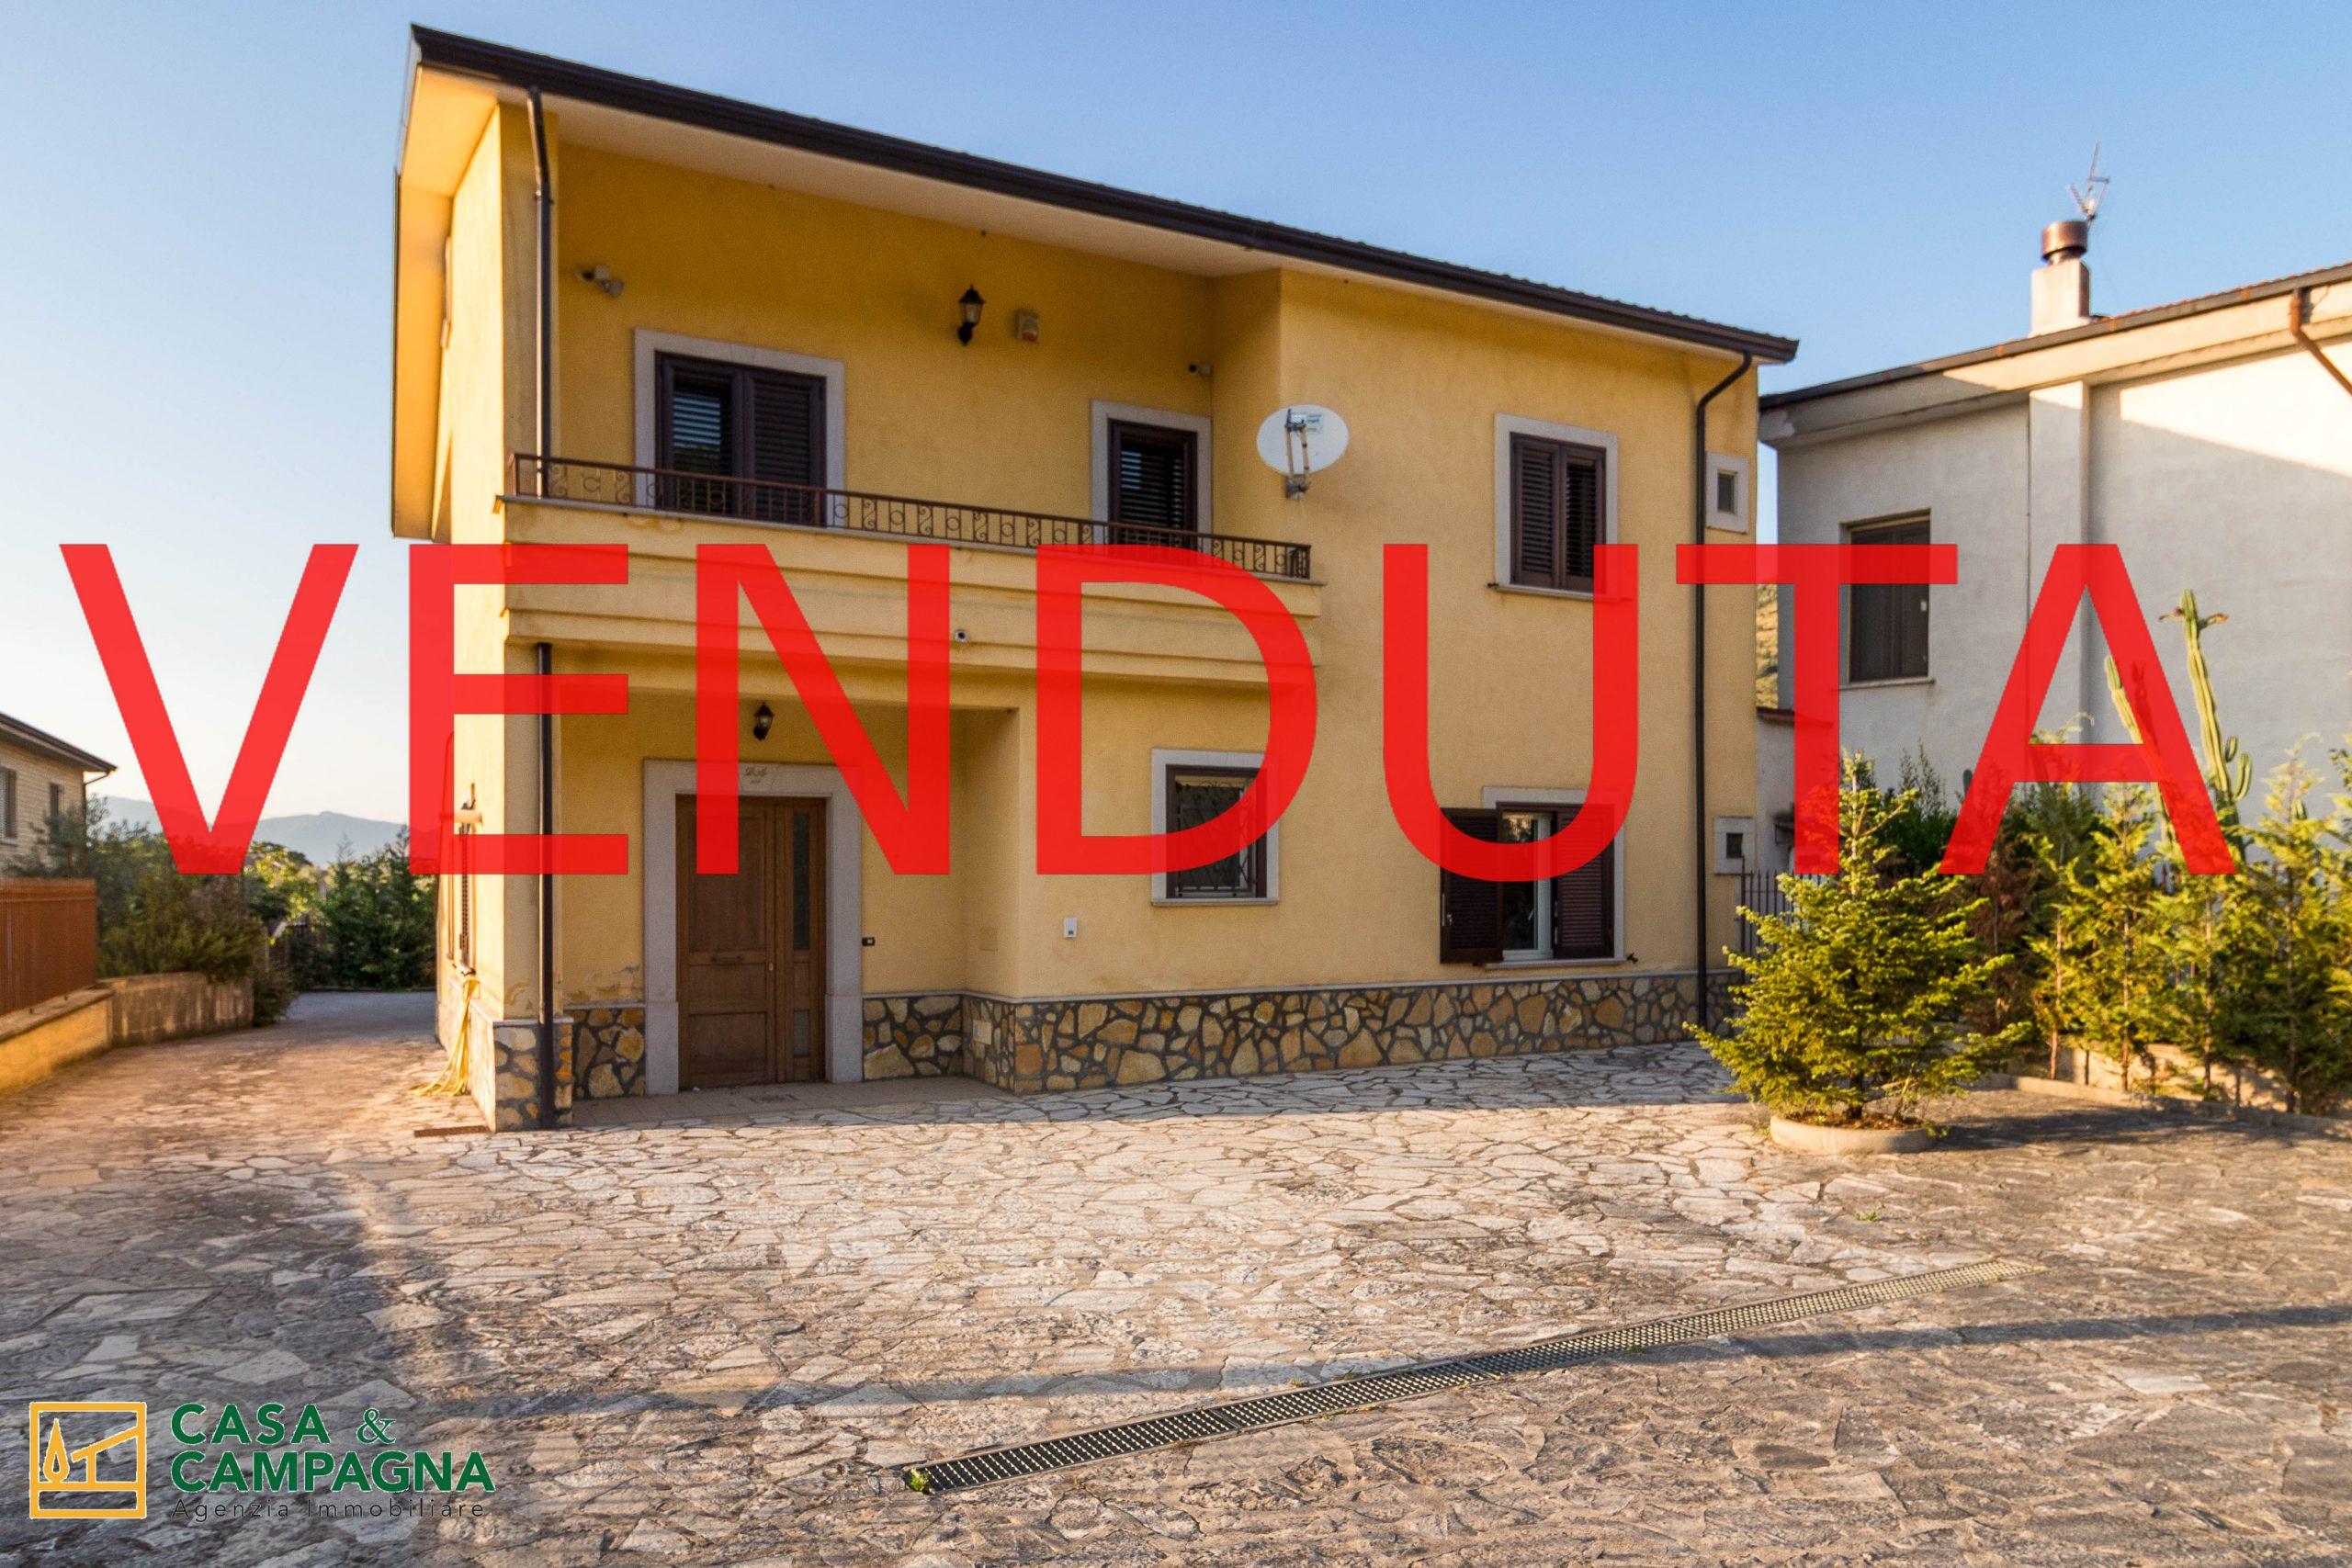 Case in vendita  Riardo